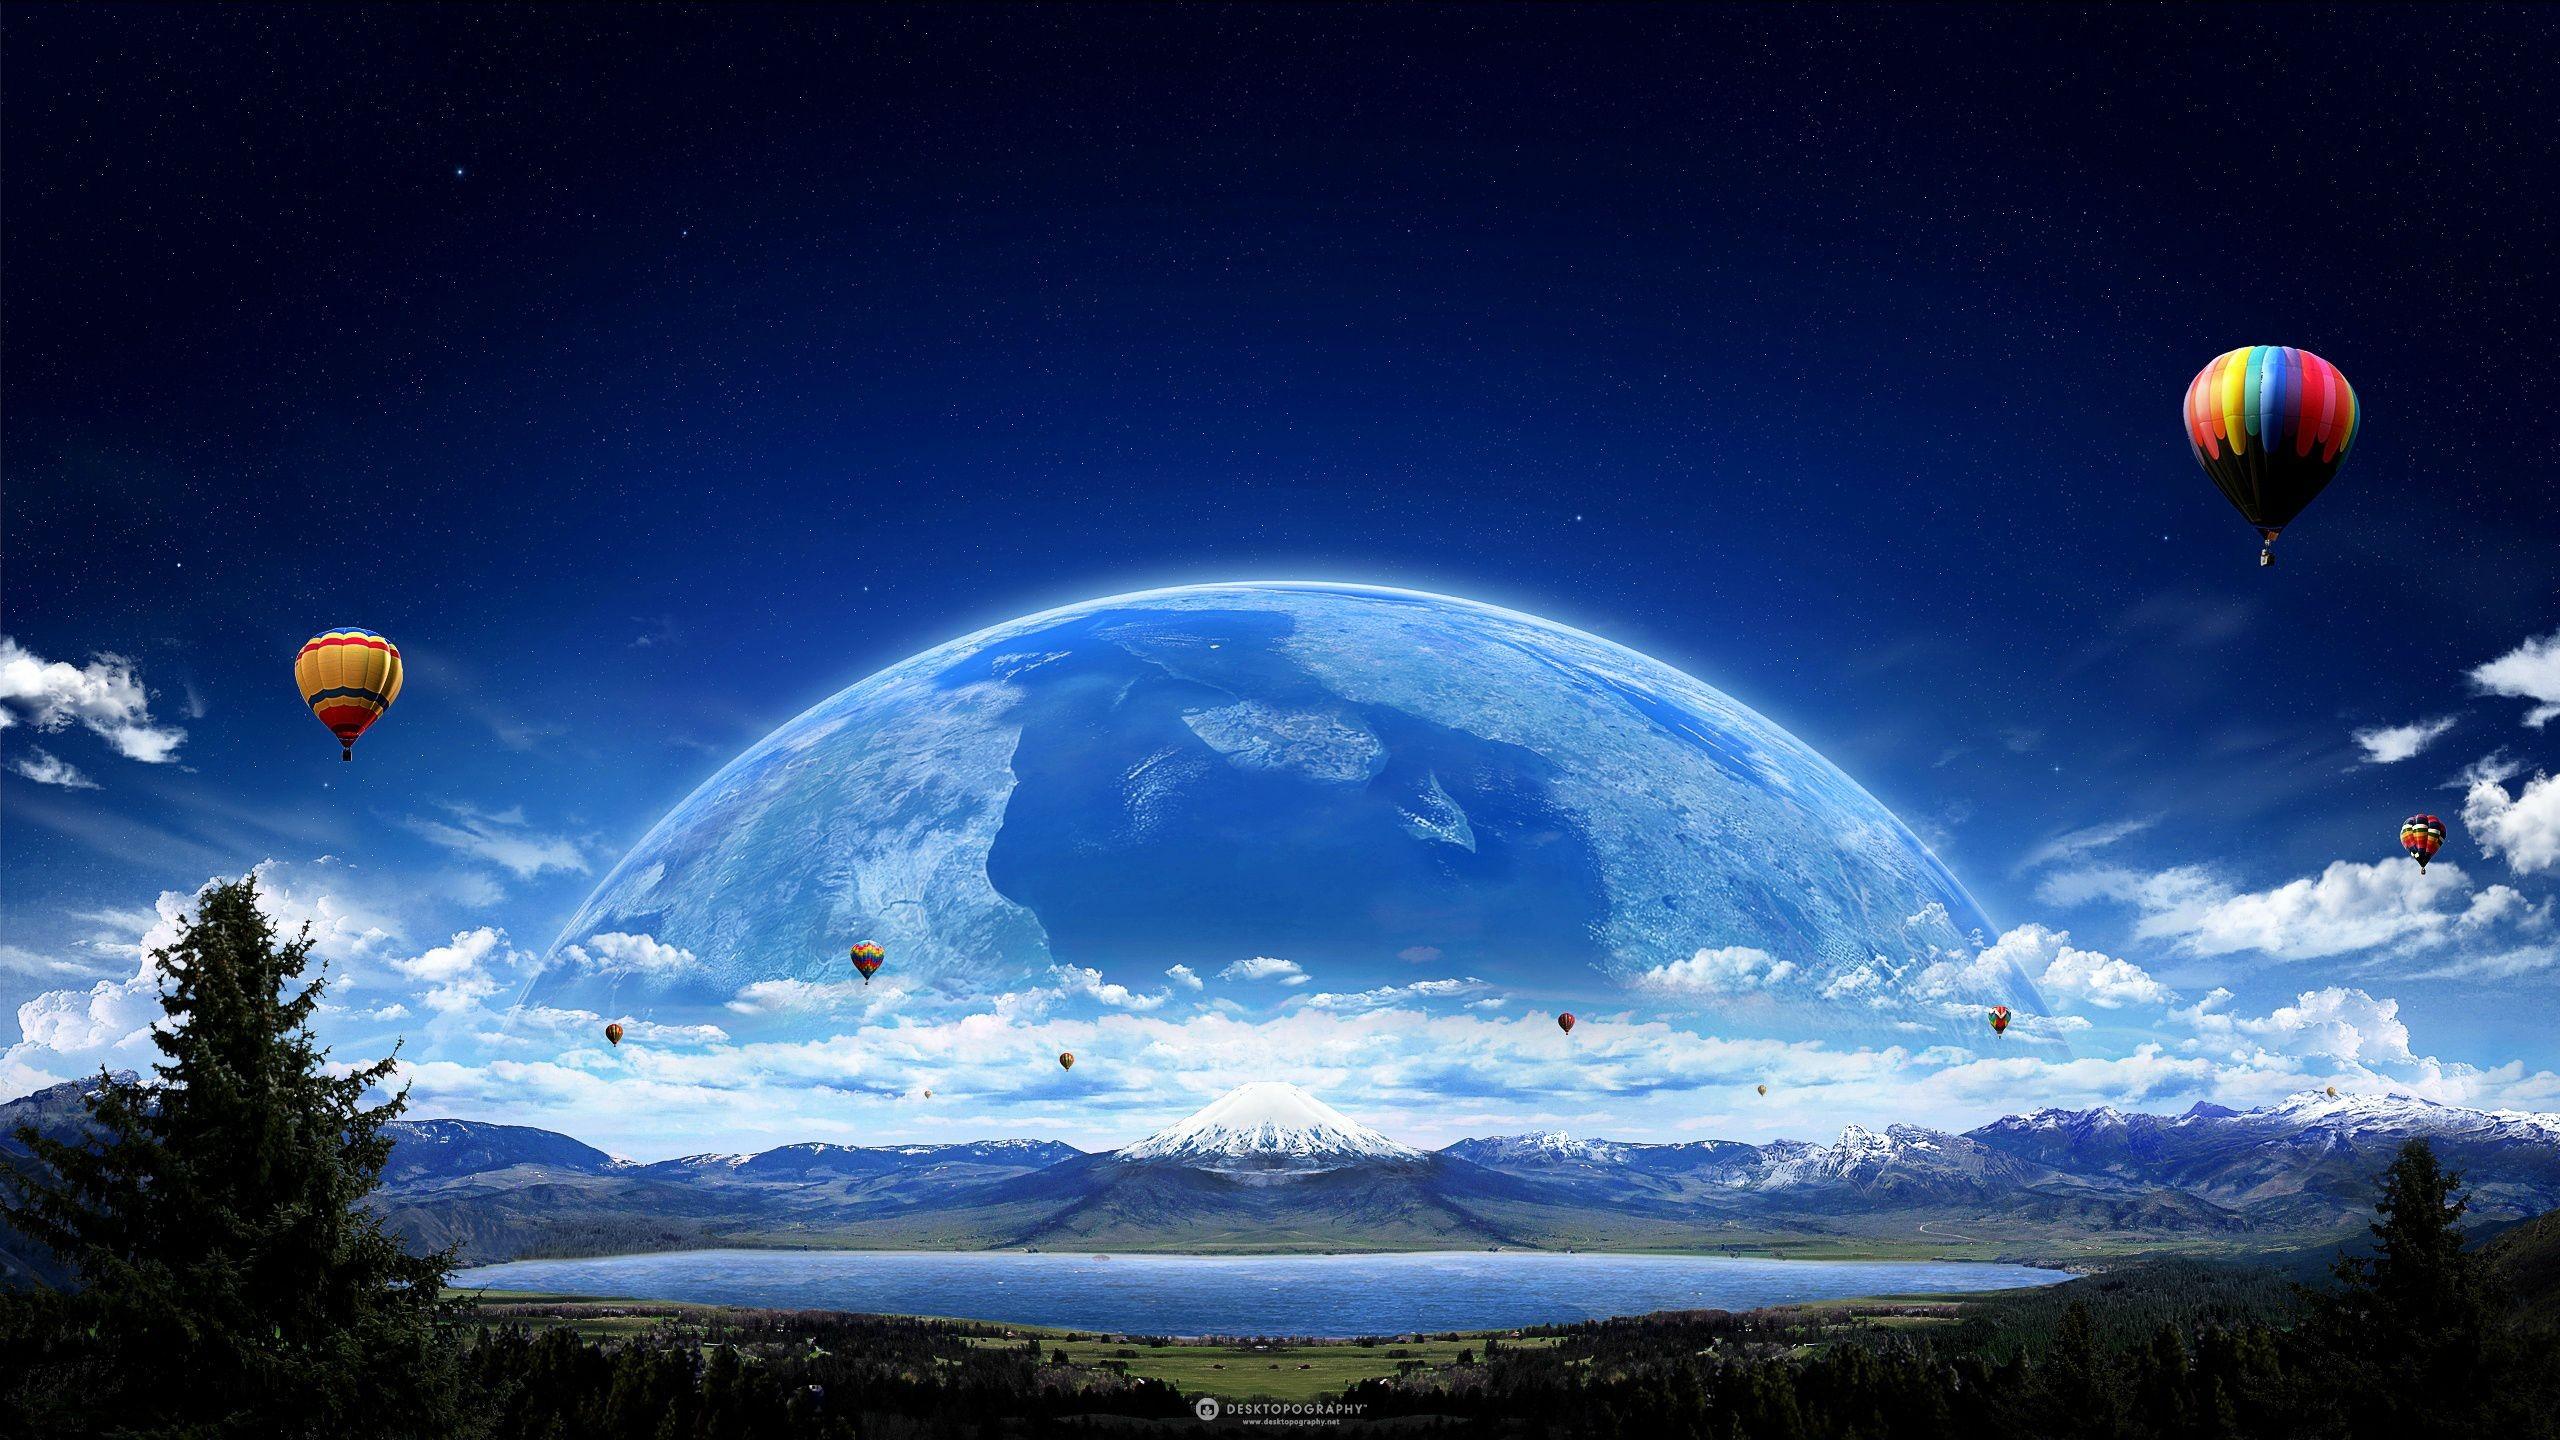 фото с земным шаром в облаках номенклатура разными